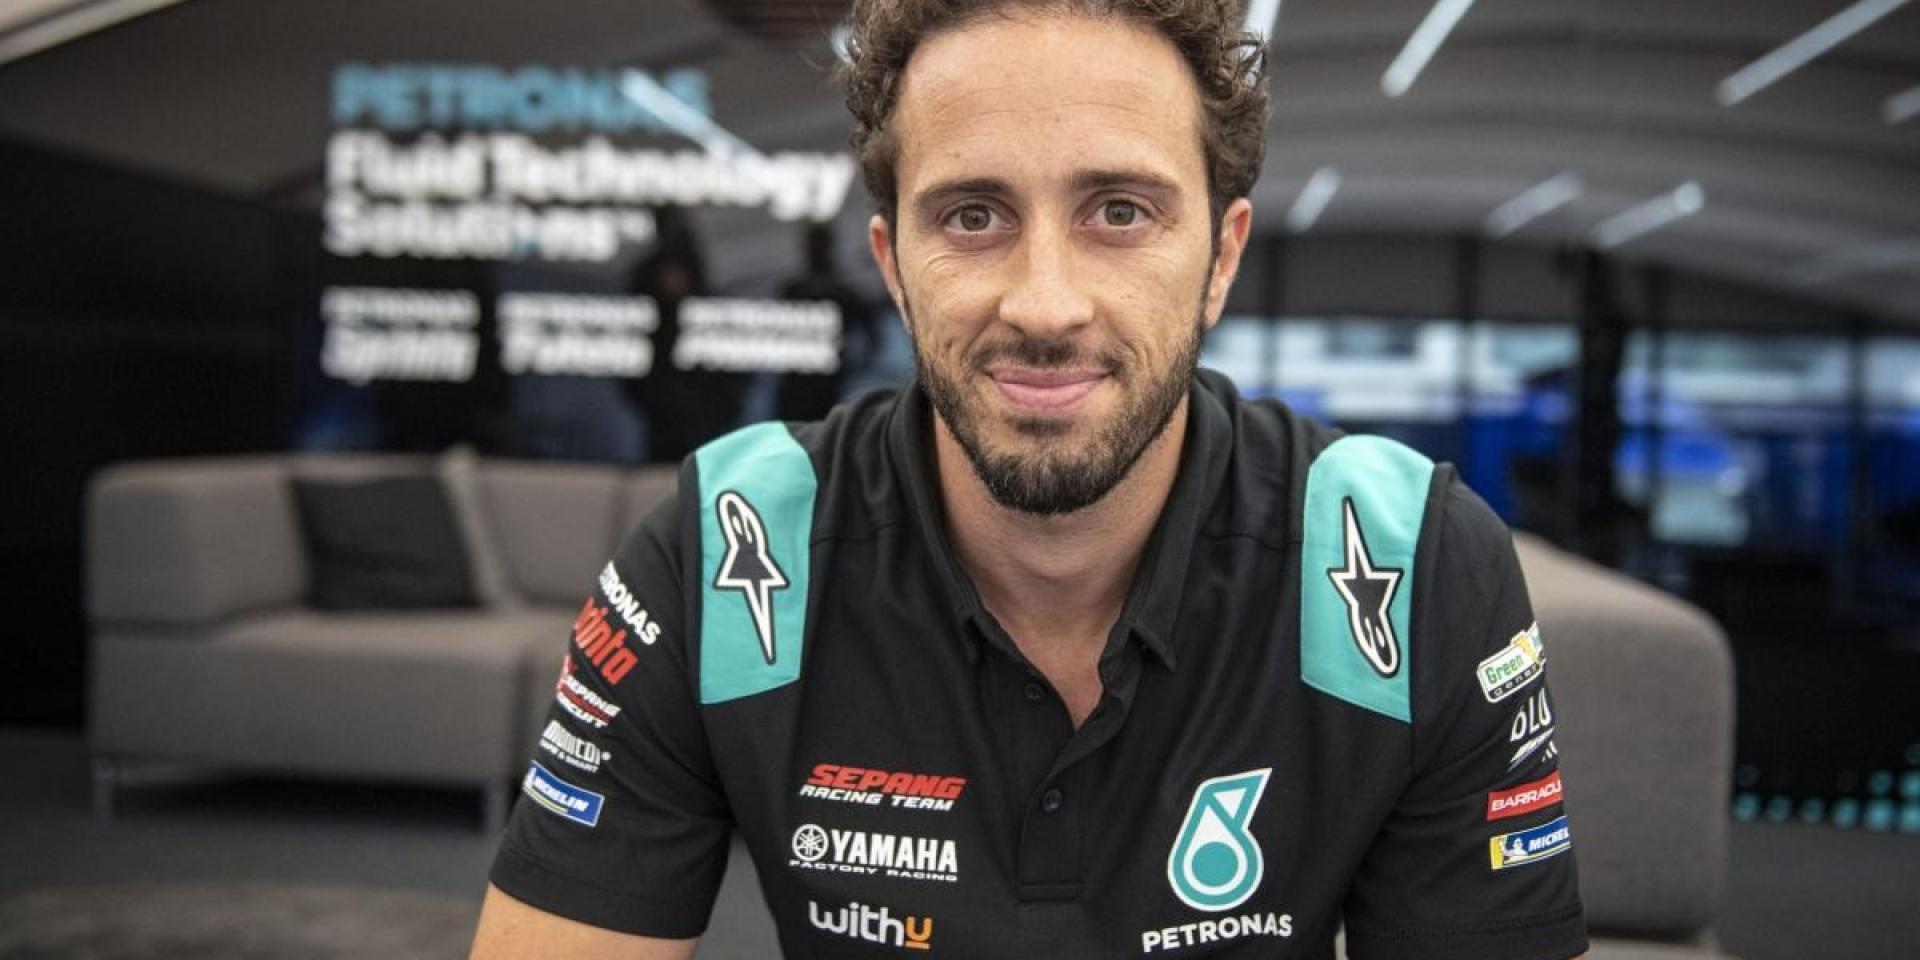 先要求自己,再調整賽車!Andrea Dovizioso:我必須先重新調整我的騎M1的方式!